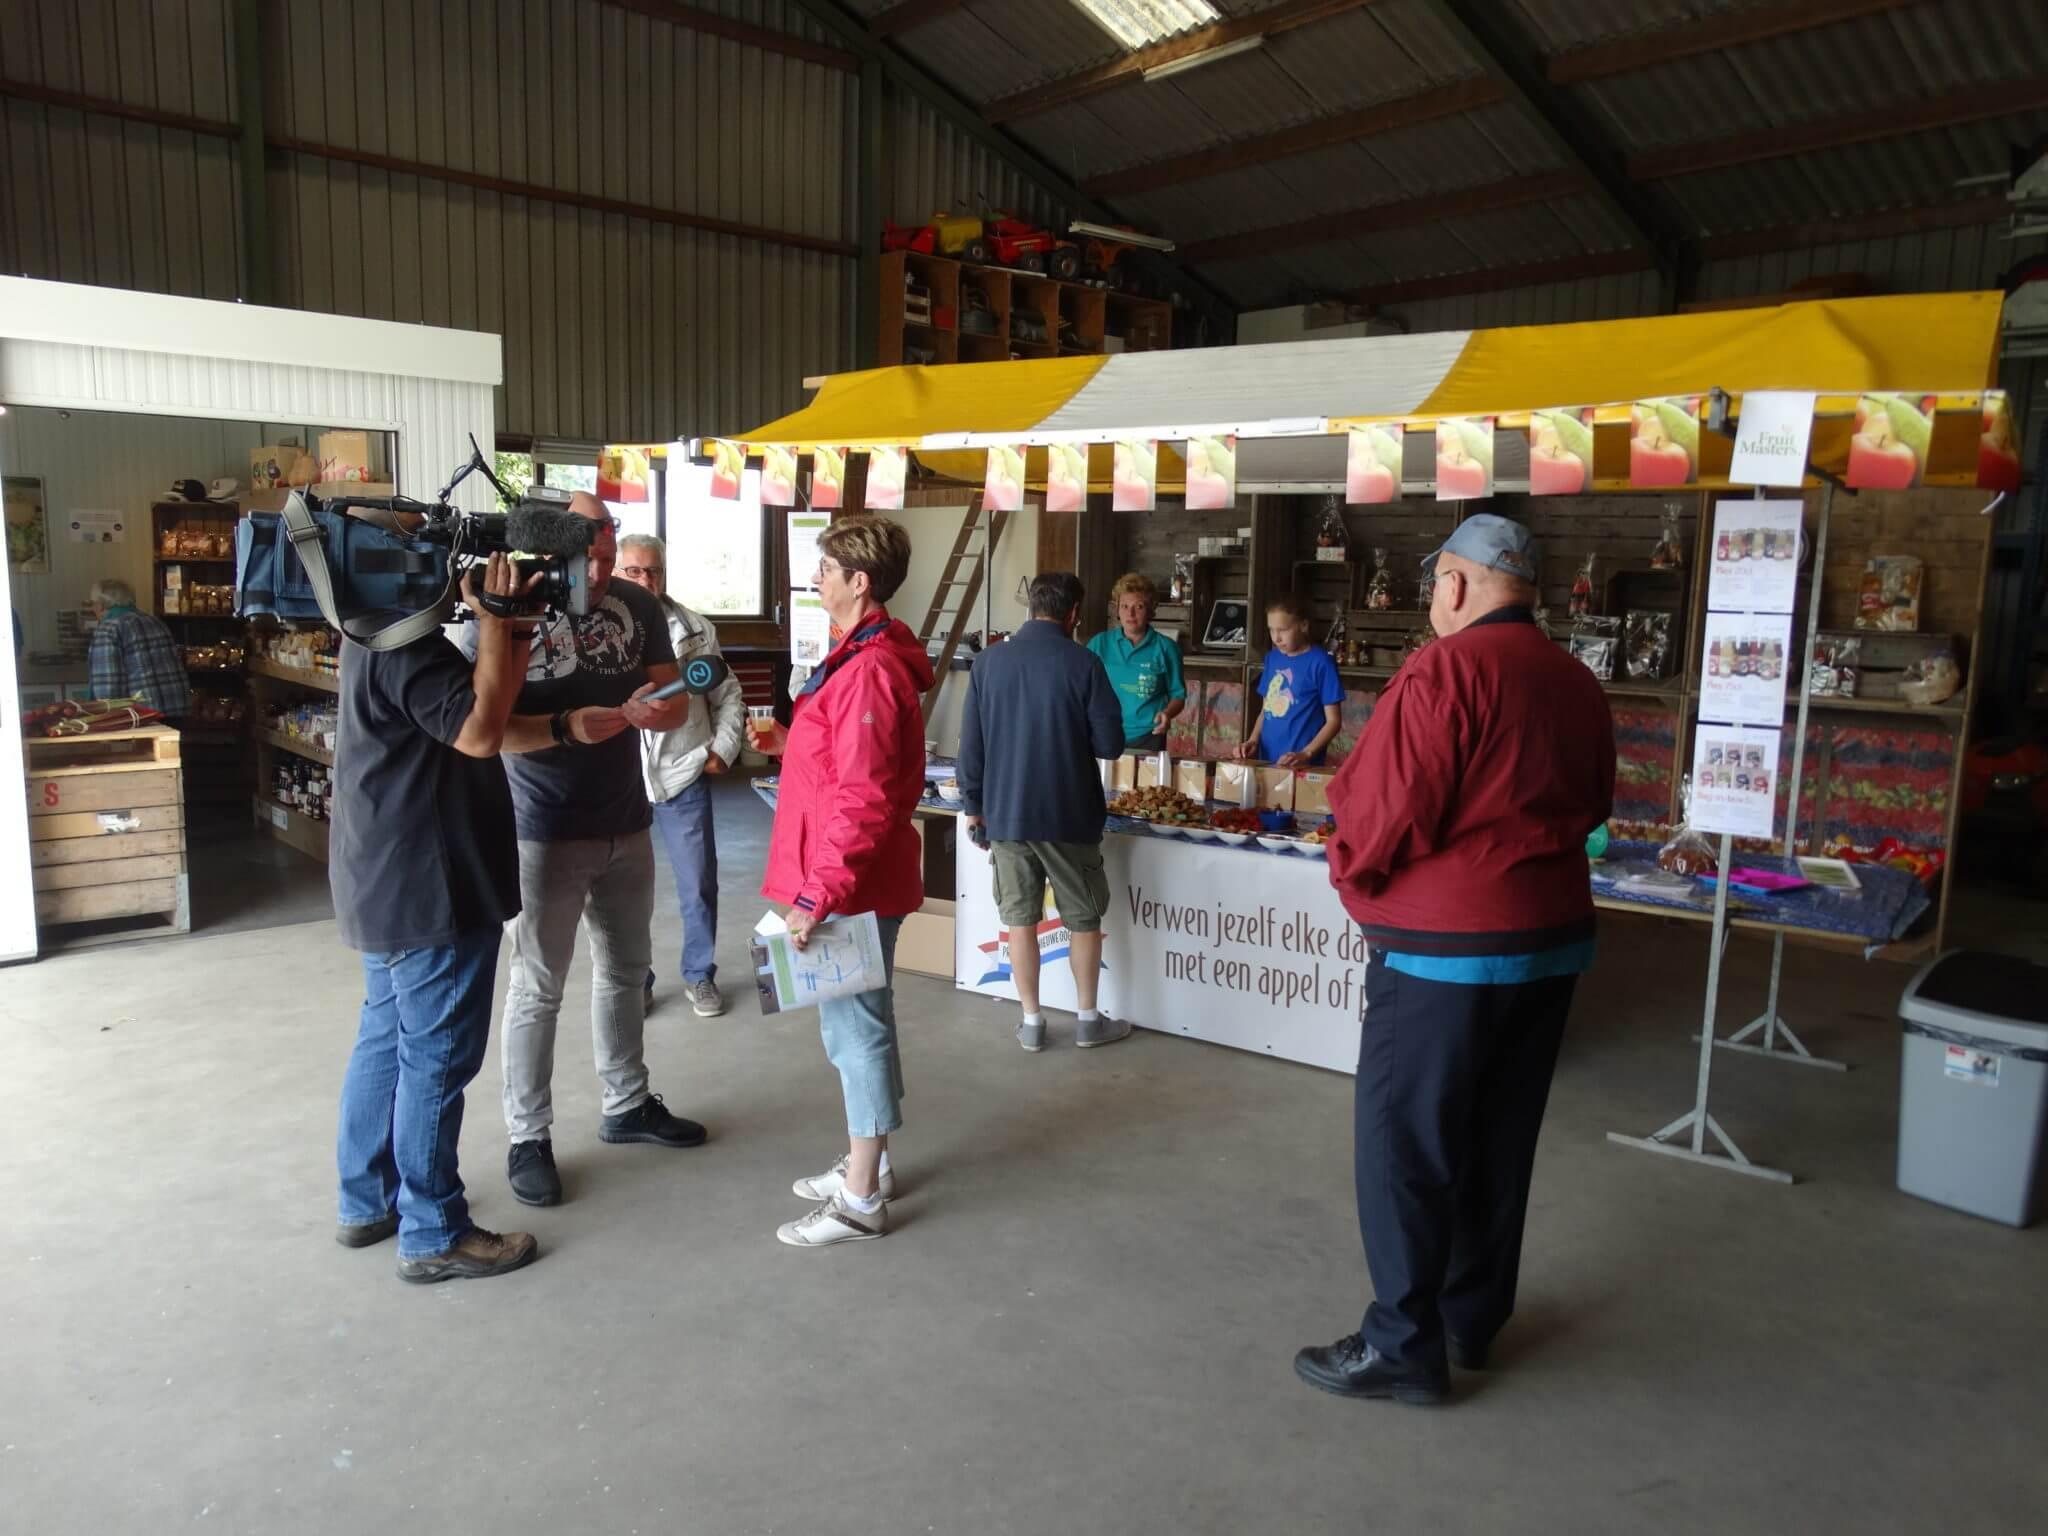 Fruitbedrijf Van den Berge_Buurten bij de Boer_Omroep Zeeland2